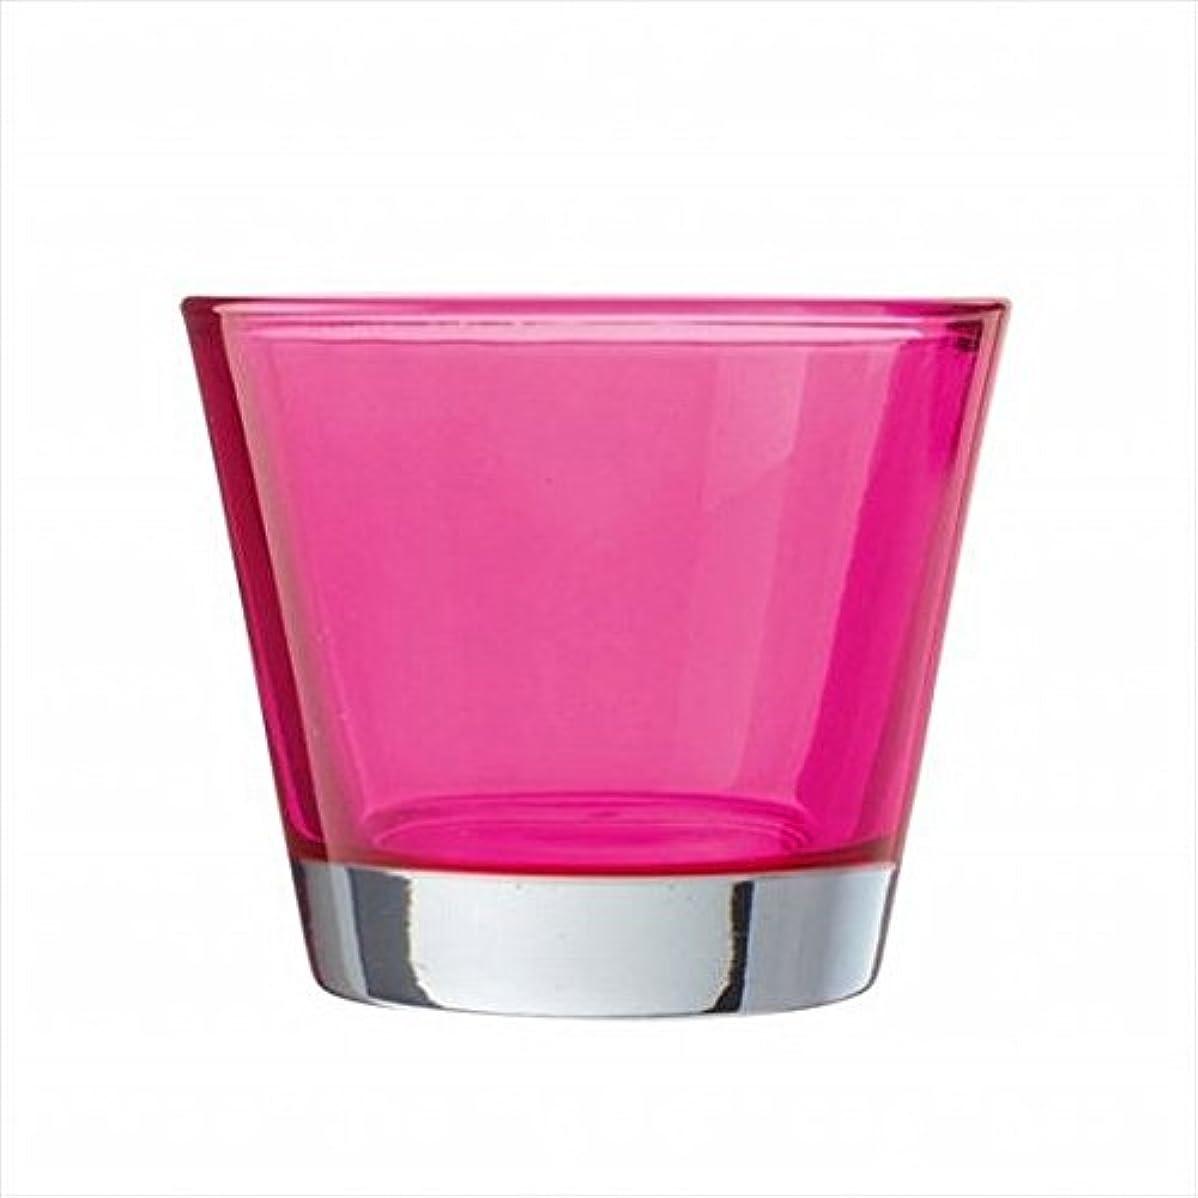 野な理想的には嫌いkameyama candle(カメヤマキャンドル) カラリス 「 ピンク 」 キャンドル 82x82x70mm (J2540000PK)